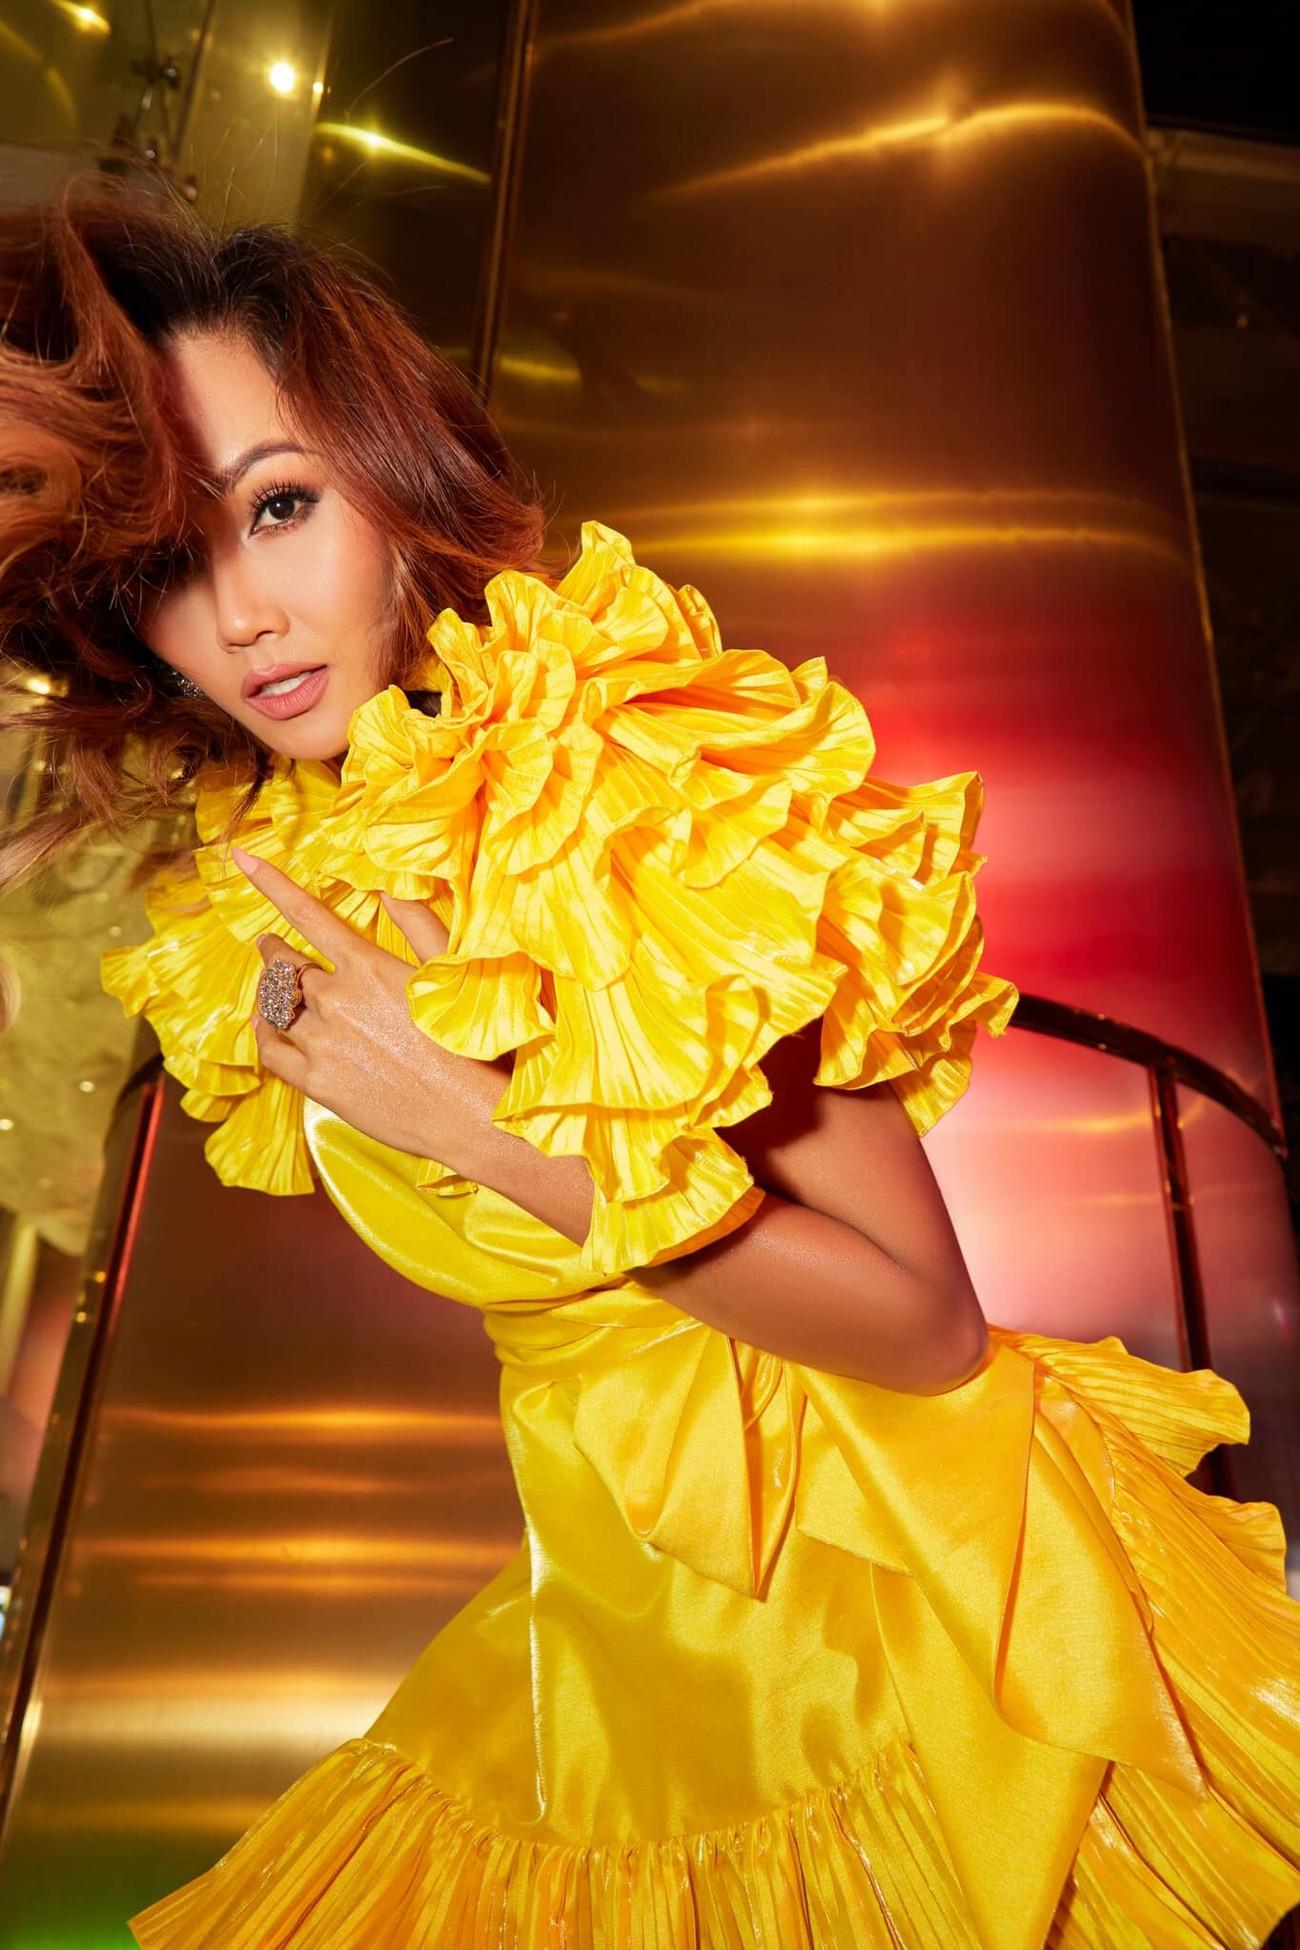 Diện lại sắc vàng từng 'gây bão' ở Miss Universe, H'Hen Niê đẹp rạng rỡ như một đóa hồng ảnh 5